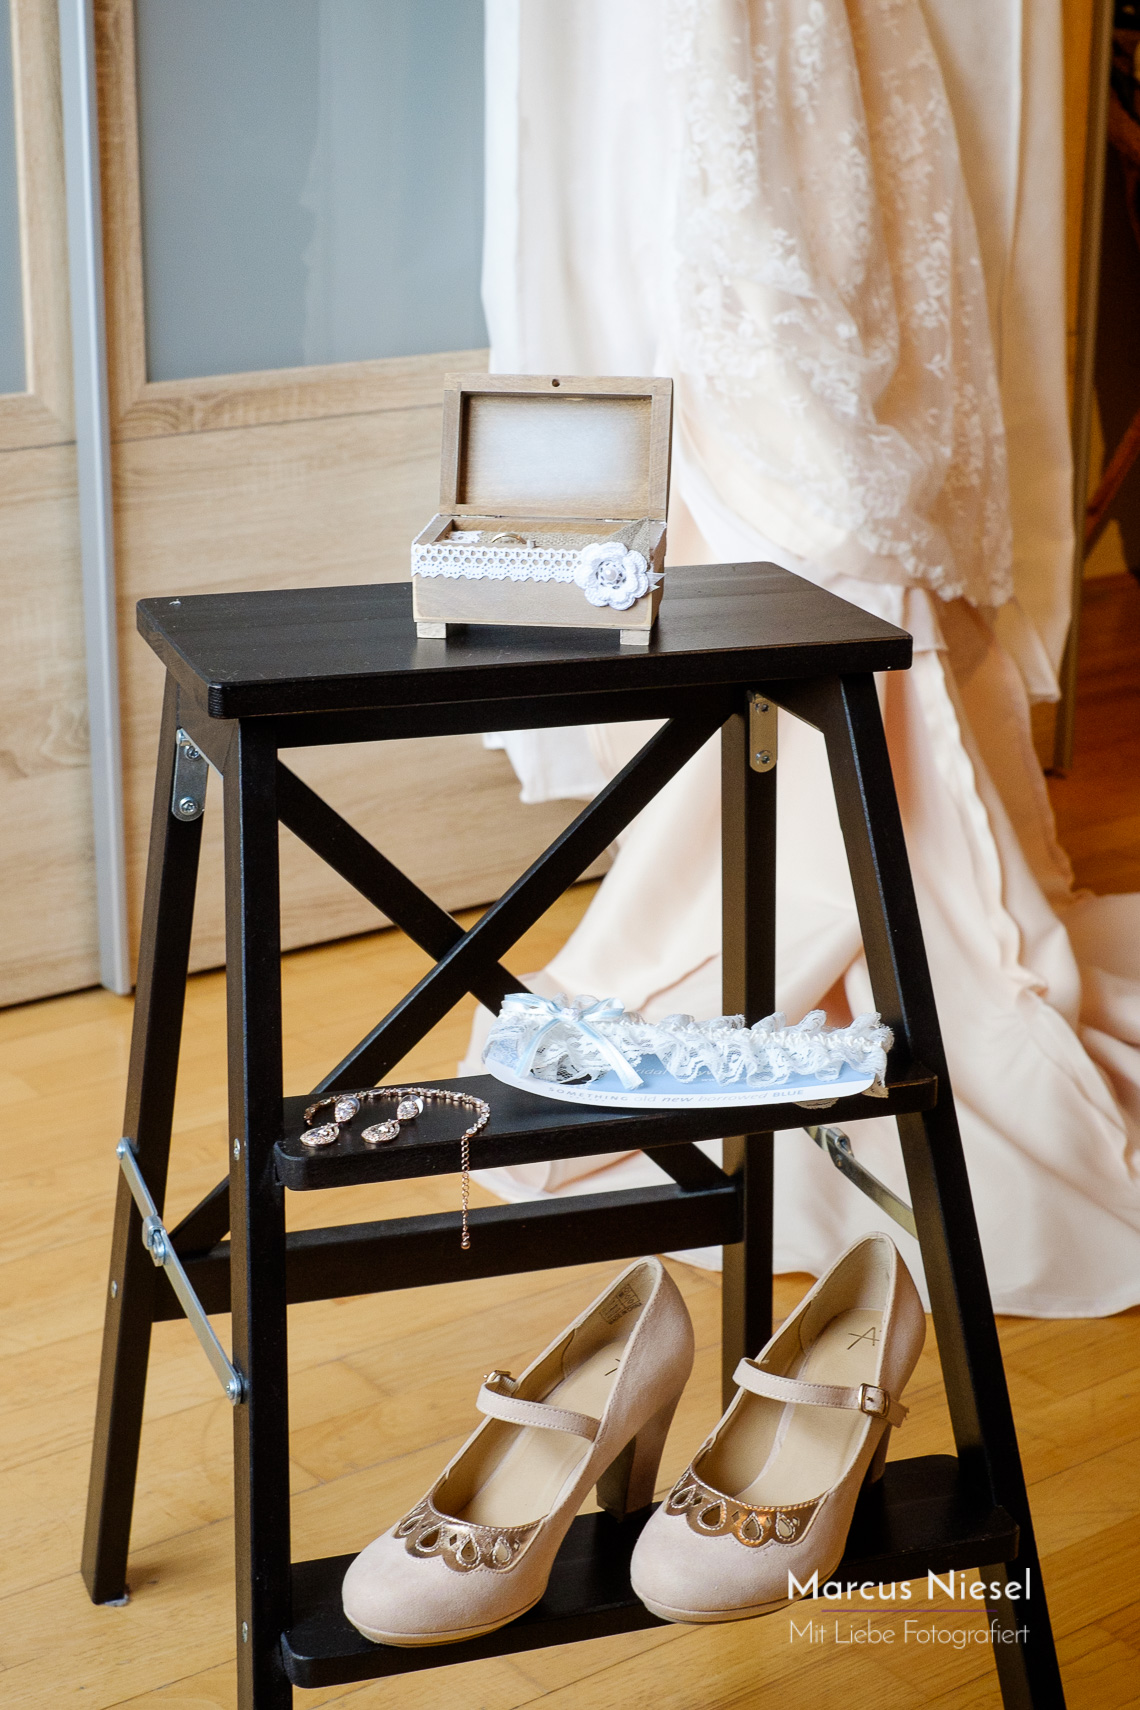 Die Vorbereitung der Hochzeit gehört mit zur Reportage dazu. Hier die Accessoires im Detail.